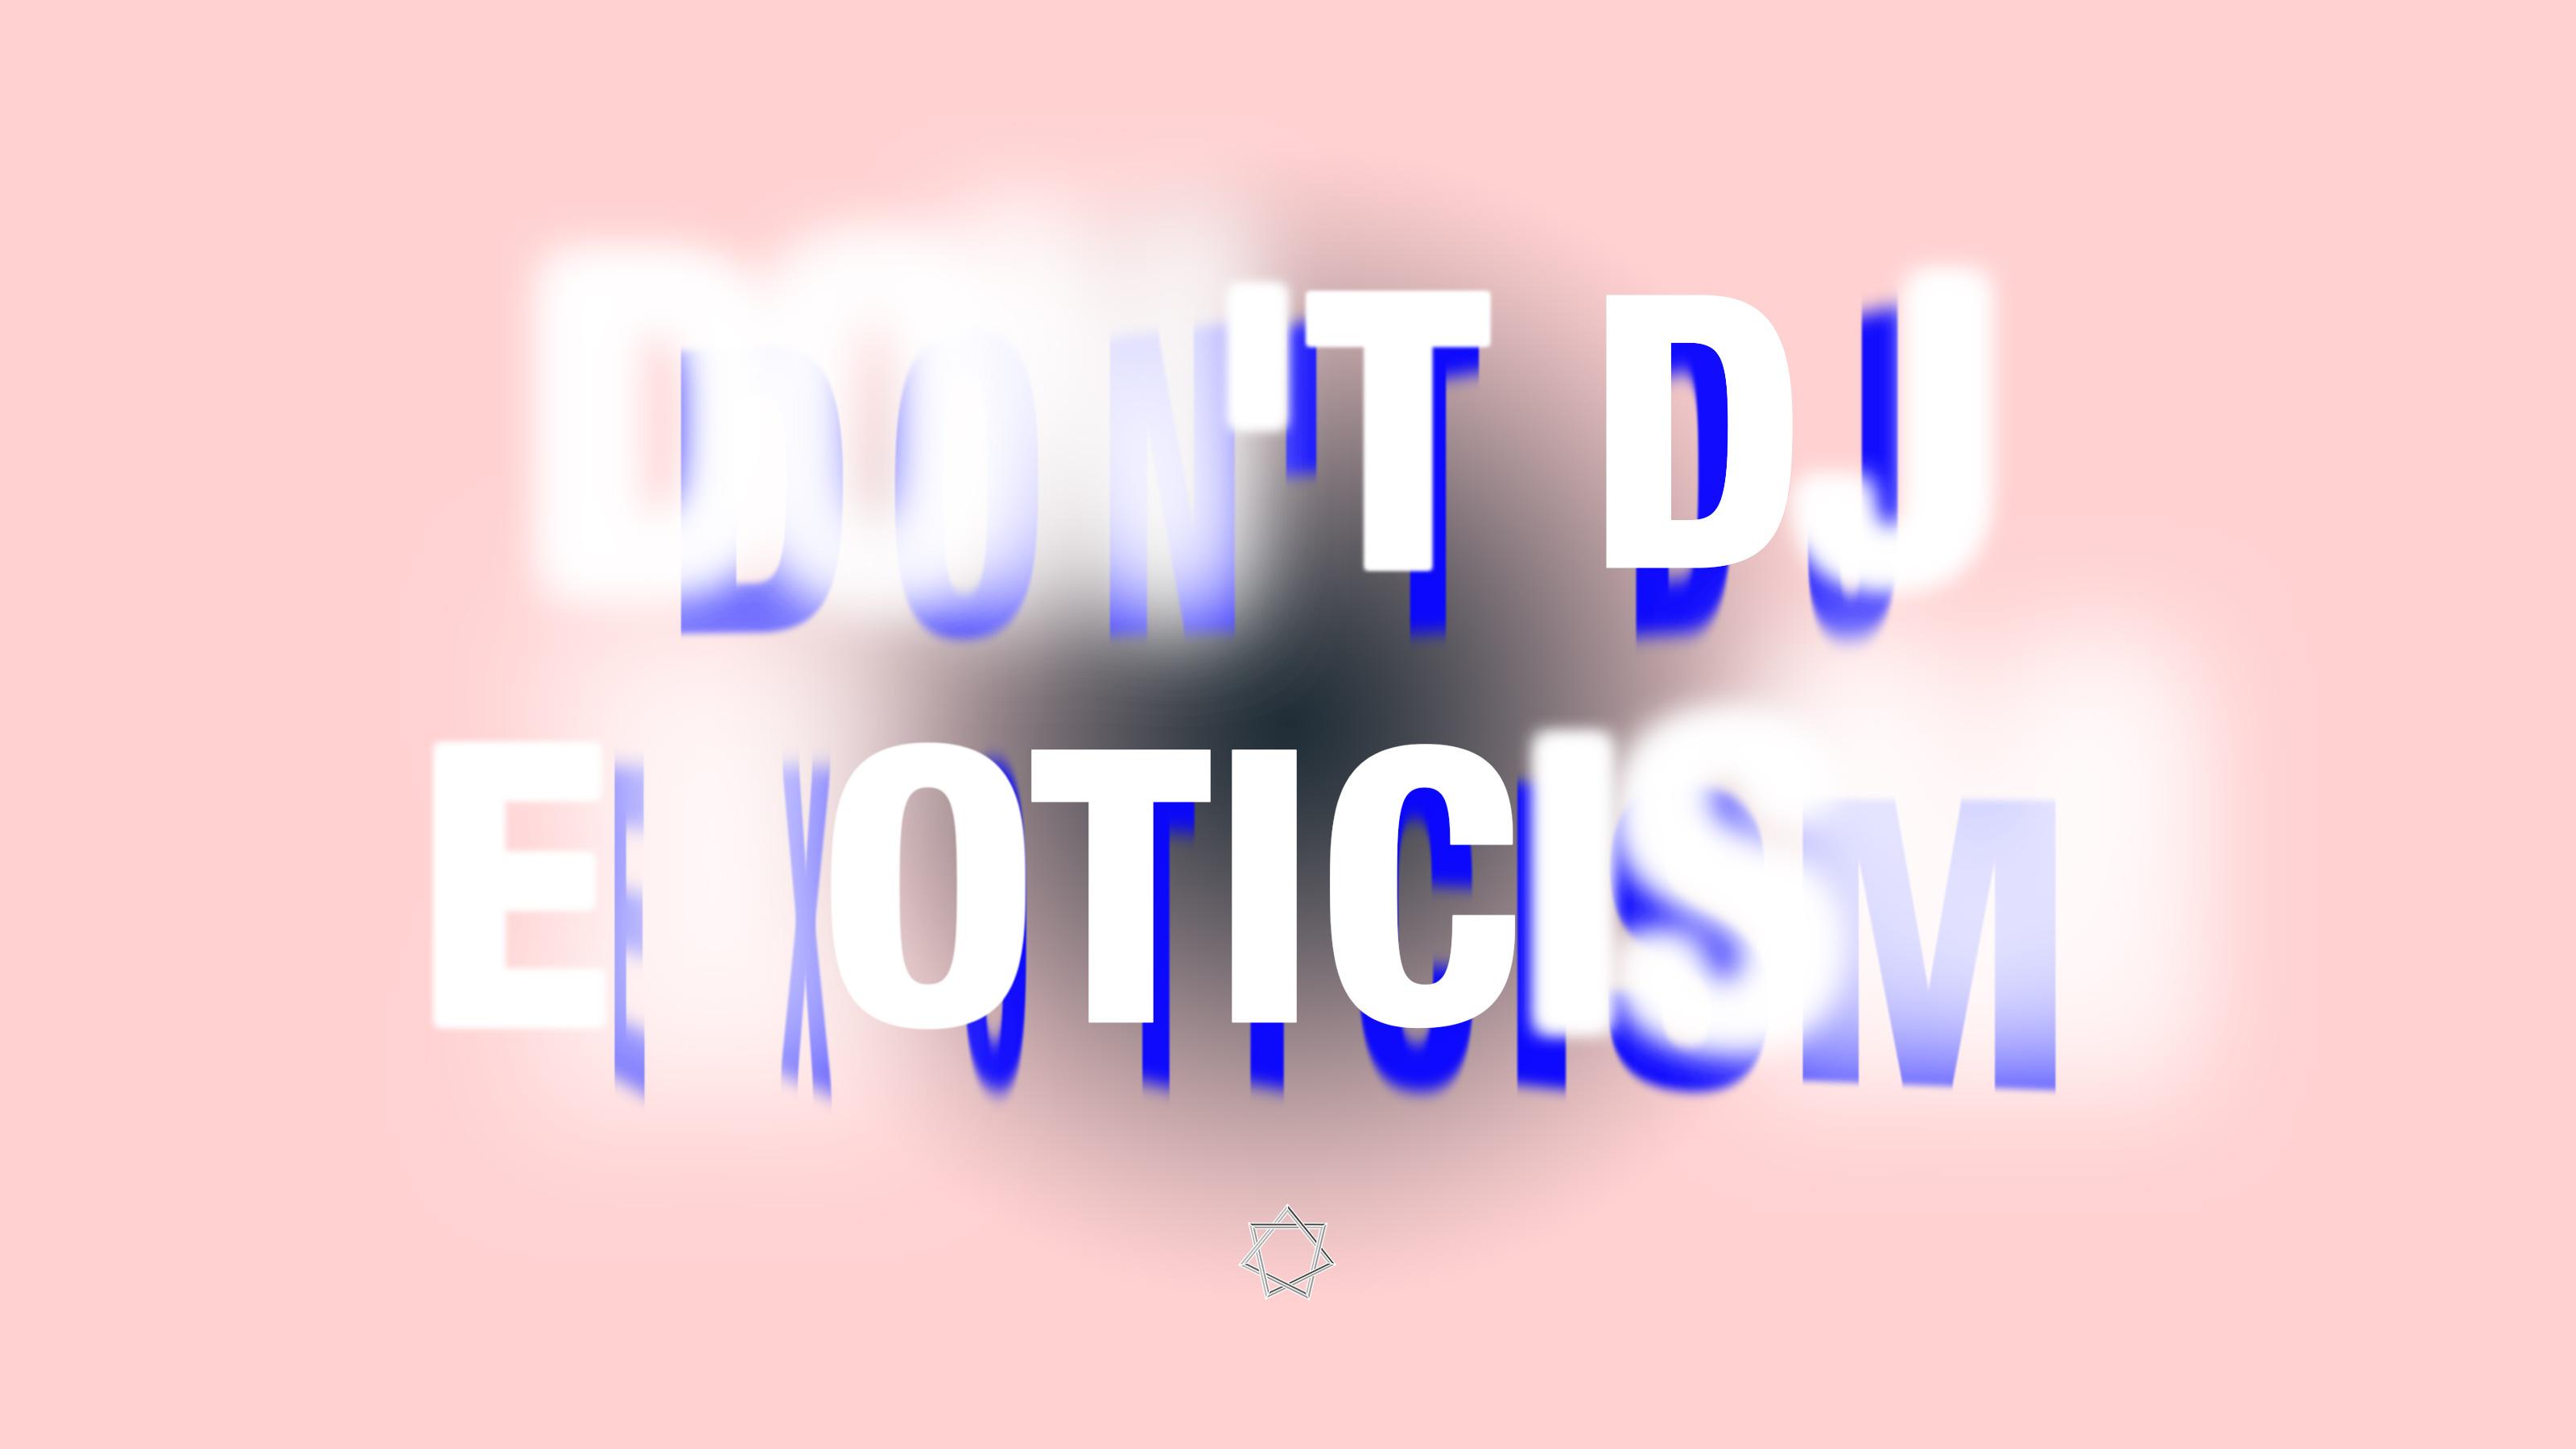 Don't DJ: 異なるものへの憧憬